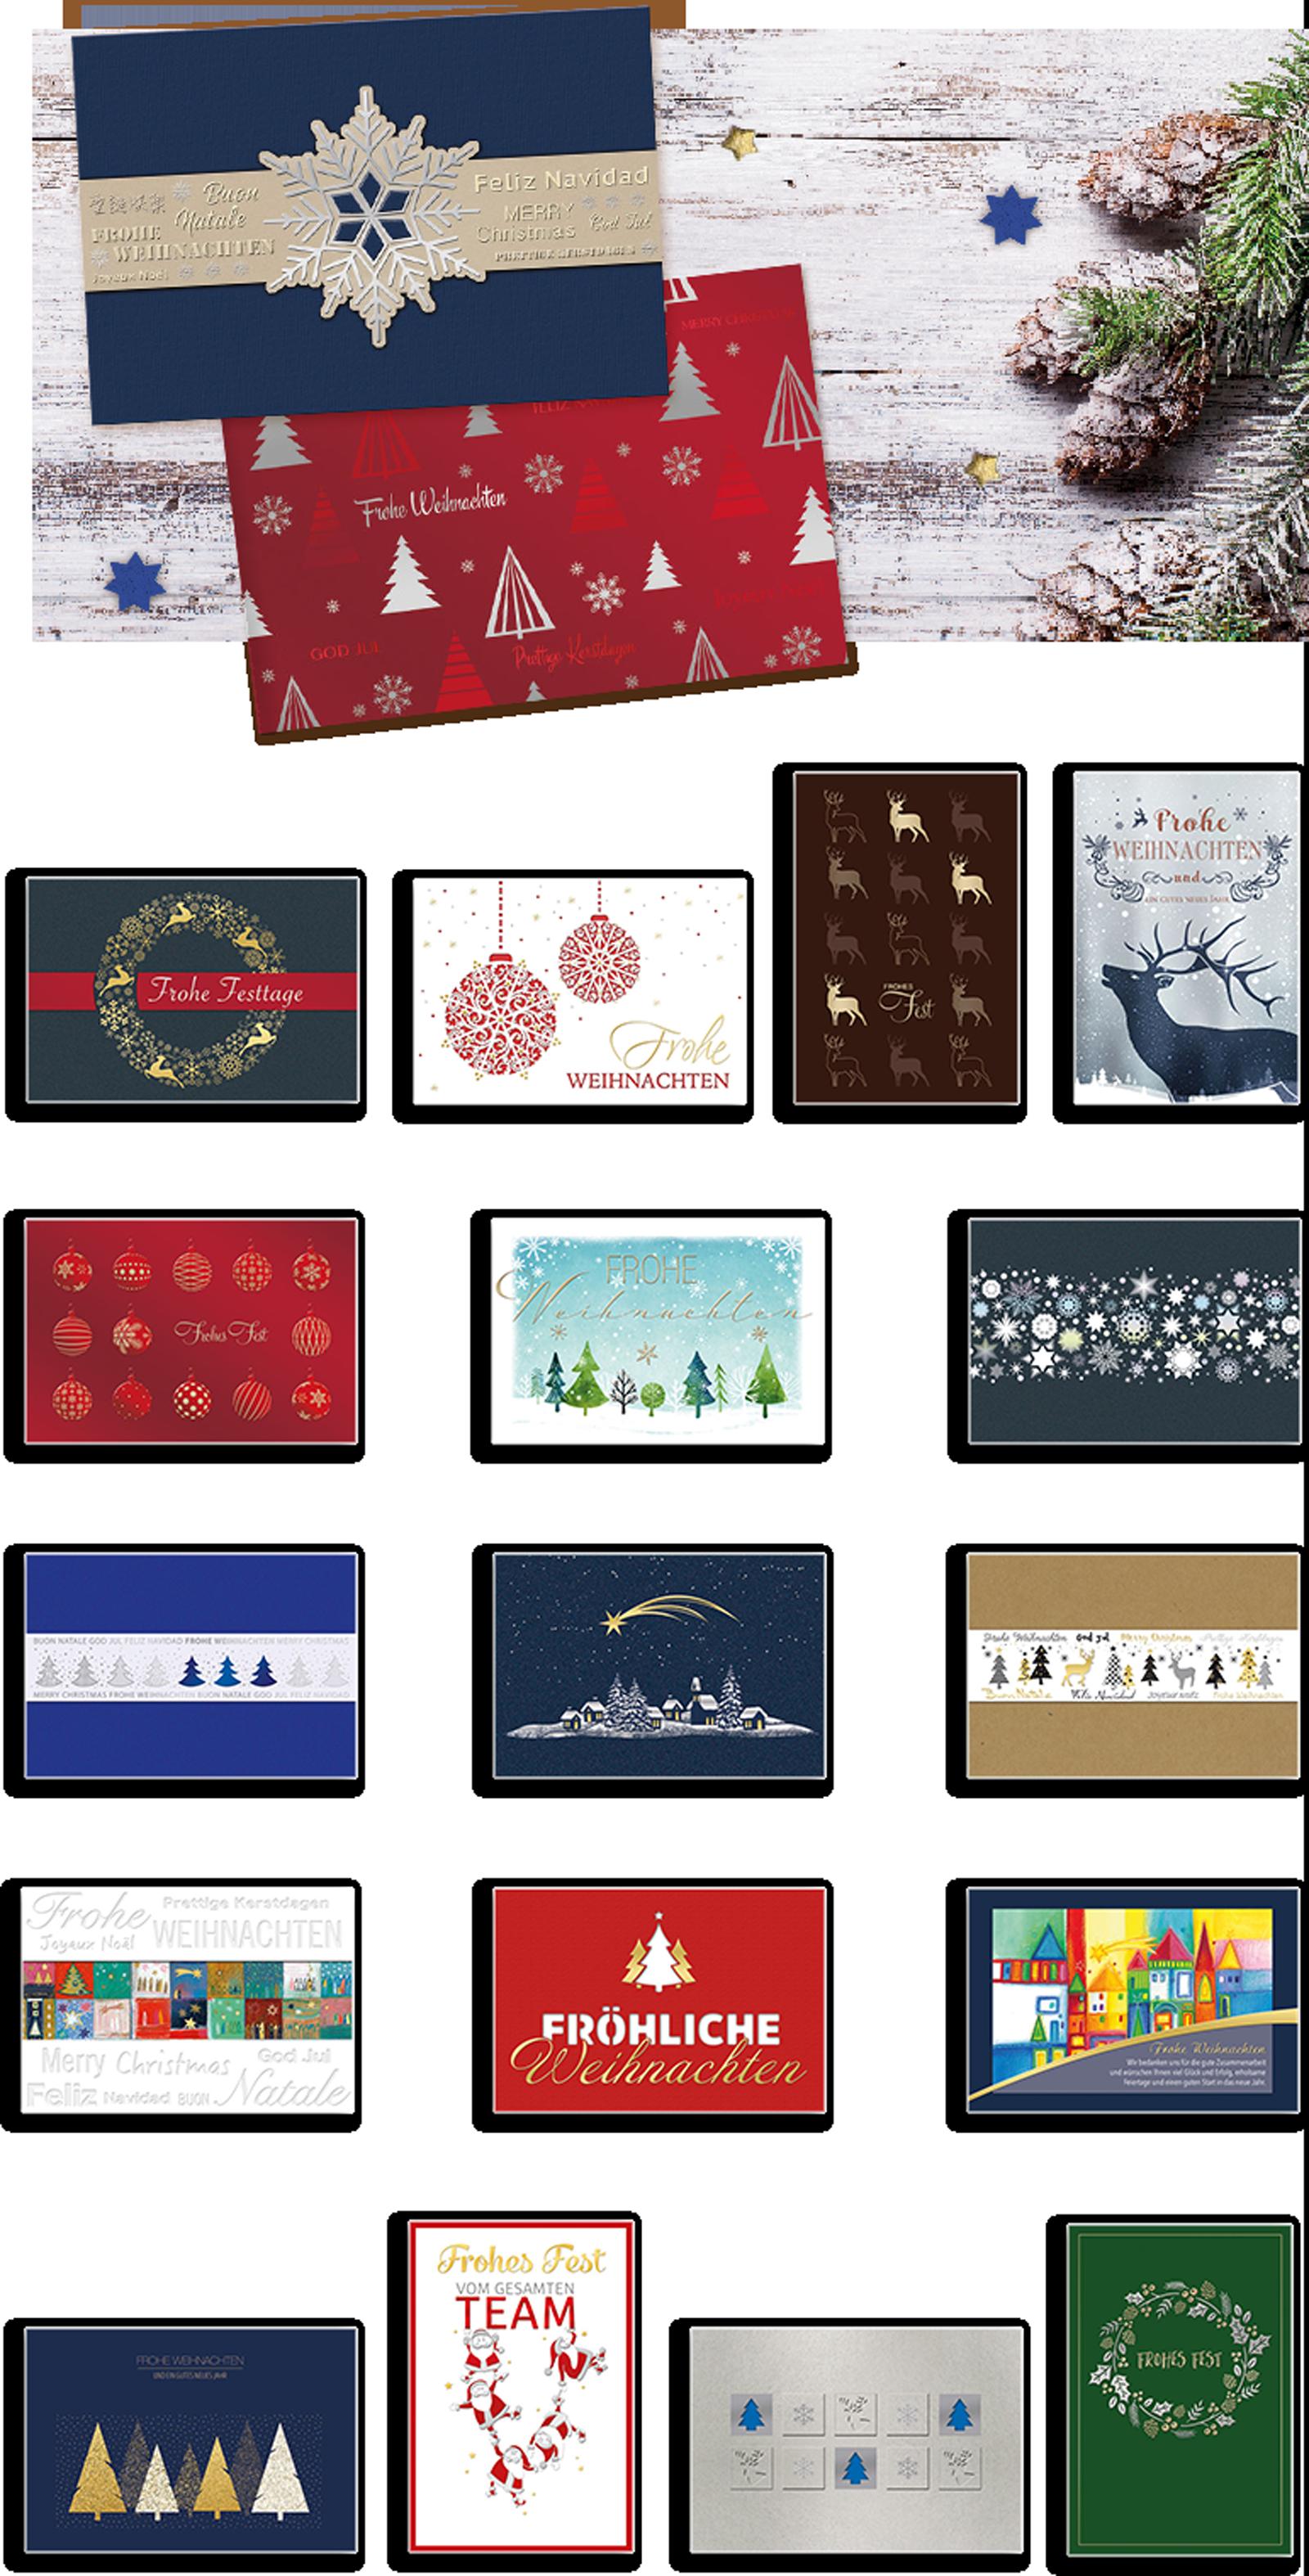 Weihnachtskartenkollektion Korsch Verlag